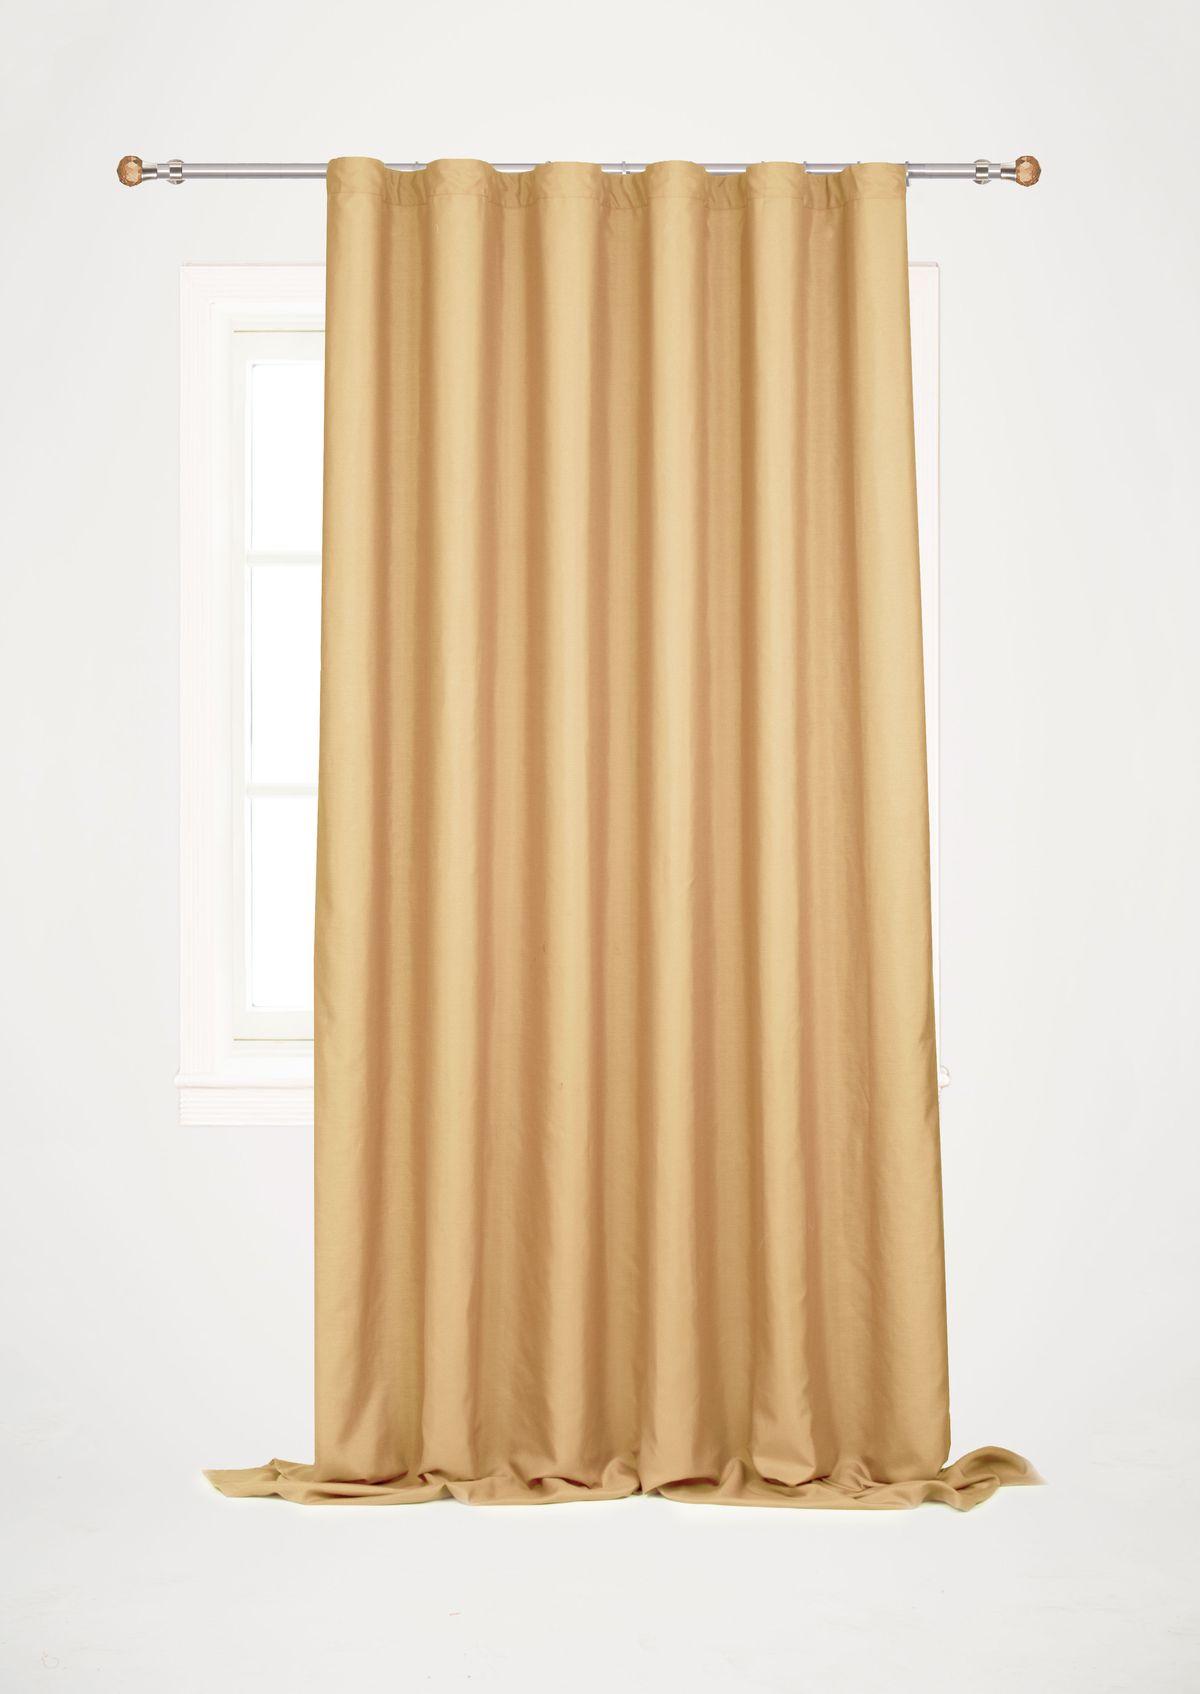 Штора готовая Garden, на ленте, цвет: коричневый, 200х260 см. С W1223 V71172704494Изящная штора для гостиной Garden выполнена из плотной ткани. Приятная текстура и цвет привлекут к себе внимание и органично впишутся в интерьер помещения. Штора крепится на карниз при помощи ленты, которая поможет красиво и равномерно задрапировать верх.